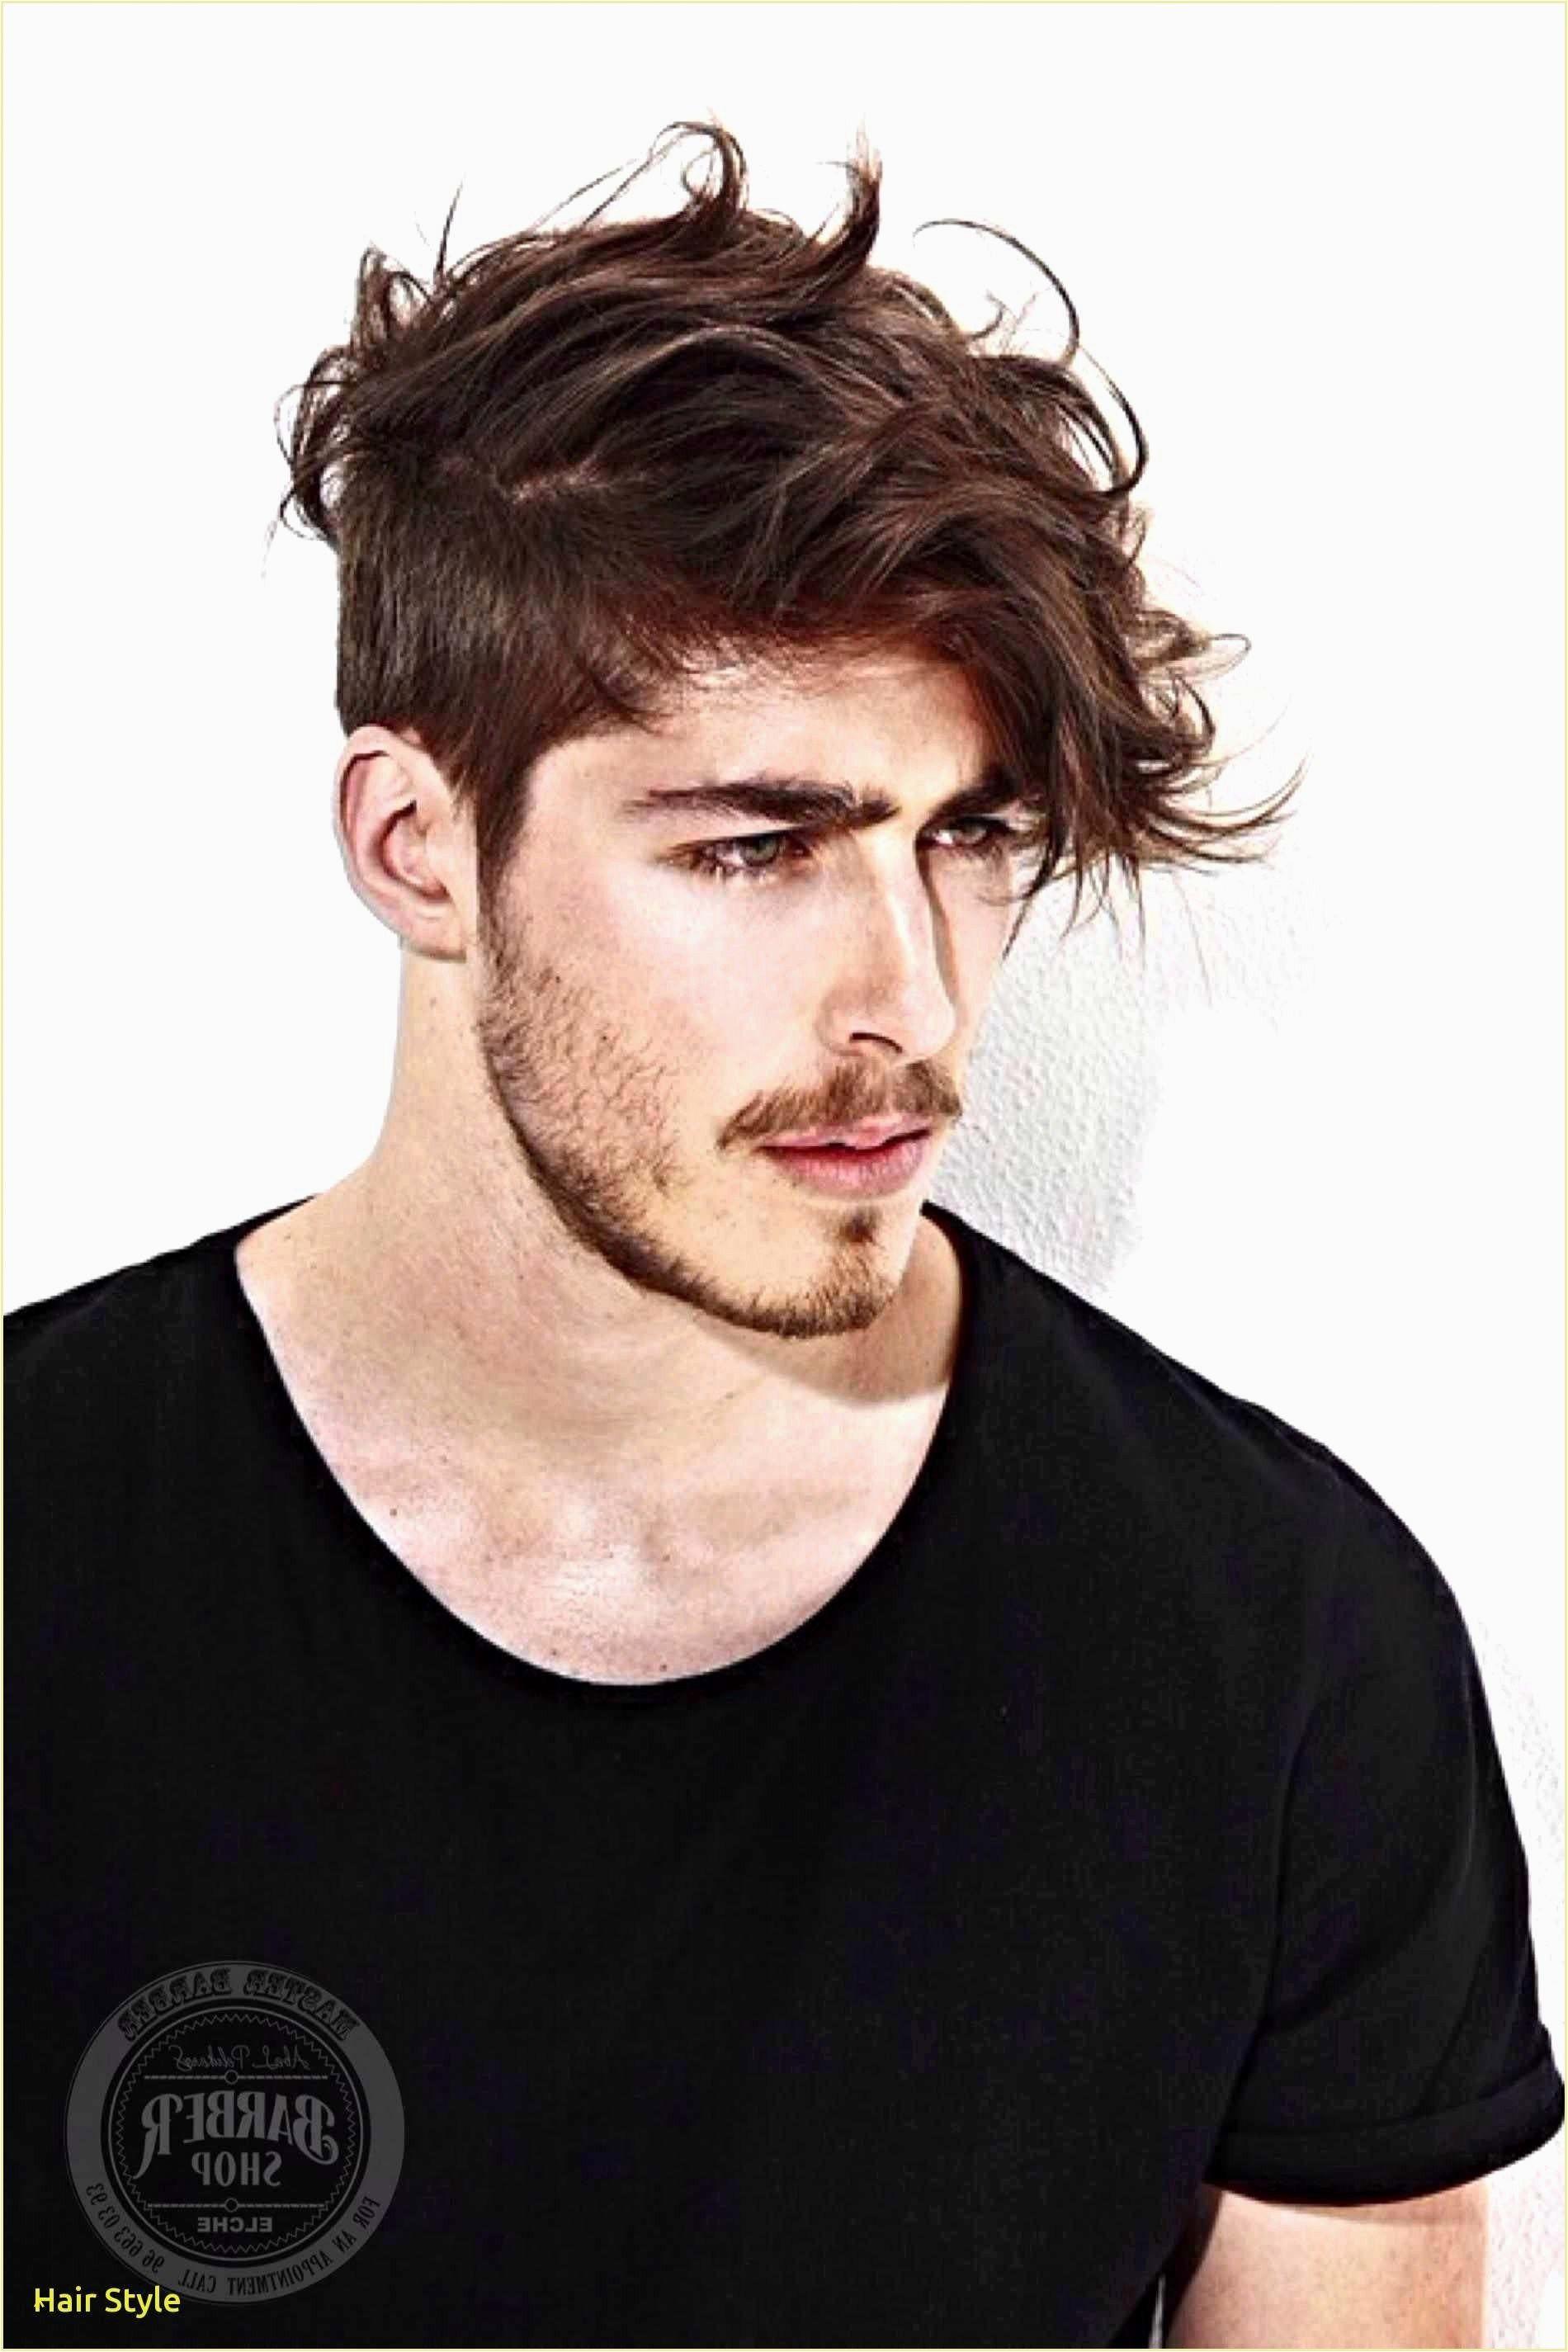 Frisuren Teenager Jungs Lange Haare Frisuren Teenager Jungs Lange Haare Frisuren Teenager Jungs Lan In 2020 Boys Long Hairstyles Long Hair Styles Mens Hairstyles